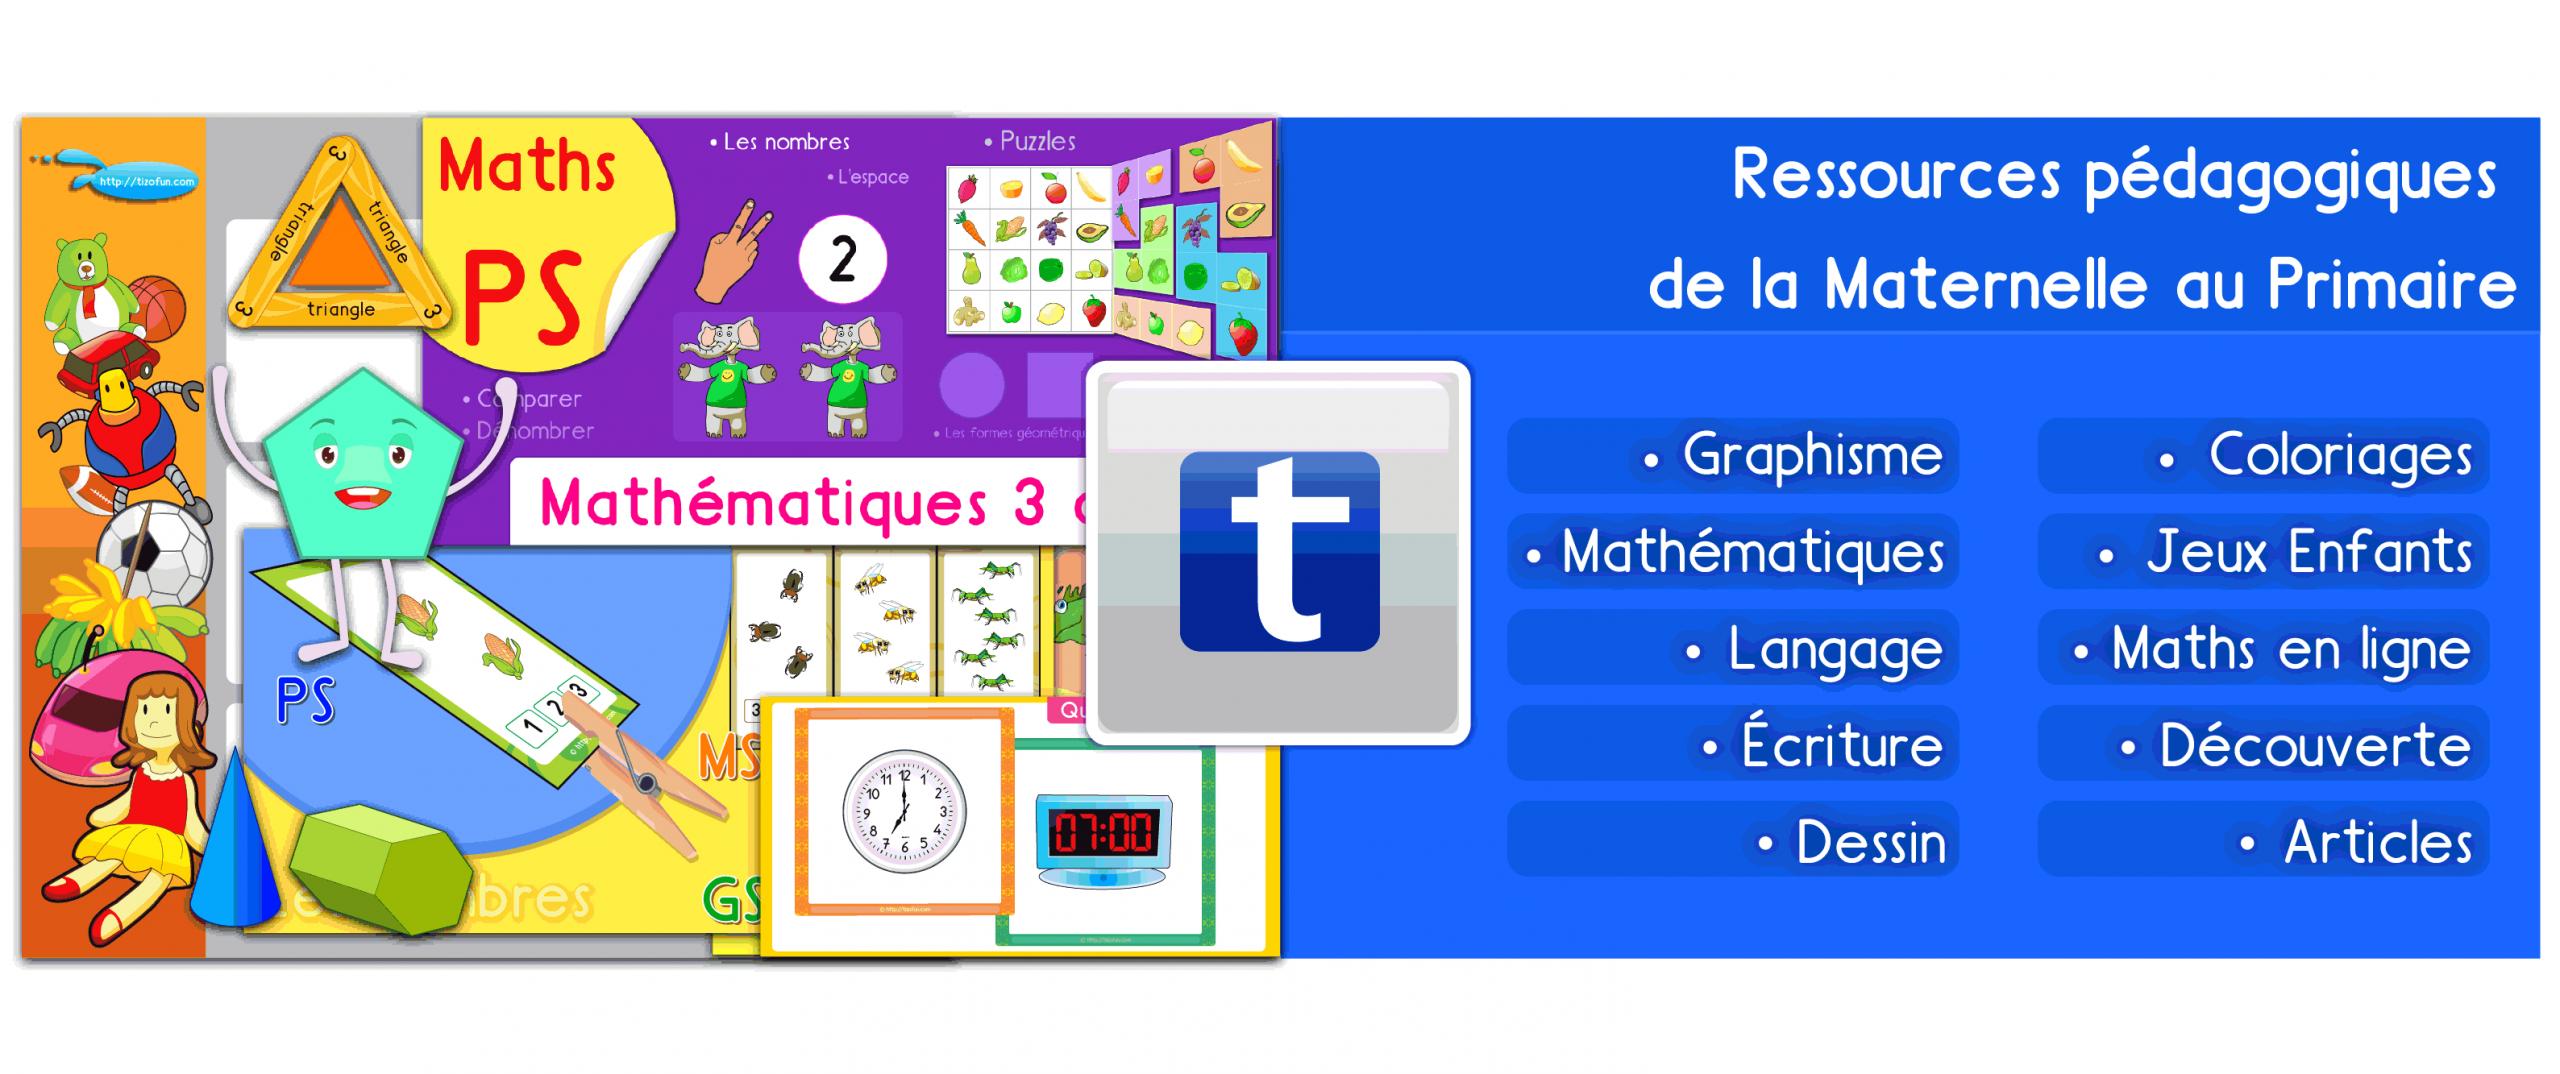 Soutien Scolaire Site Éducatif Pour La Formation Des Enfants serapportantà Jeux Maternelle Grande Section En Ligne